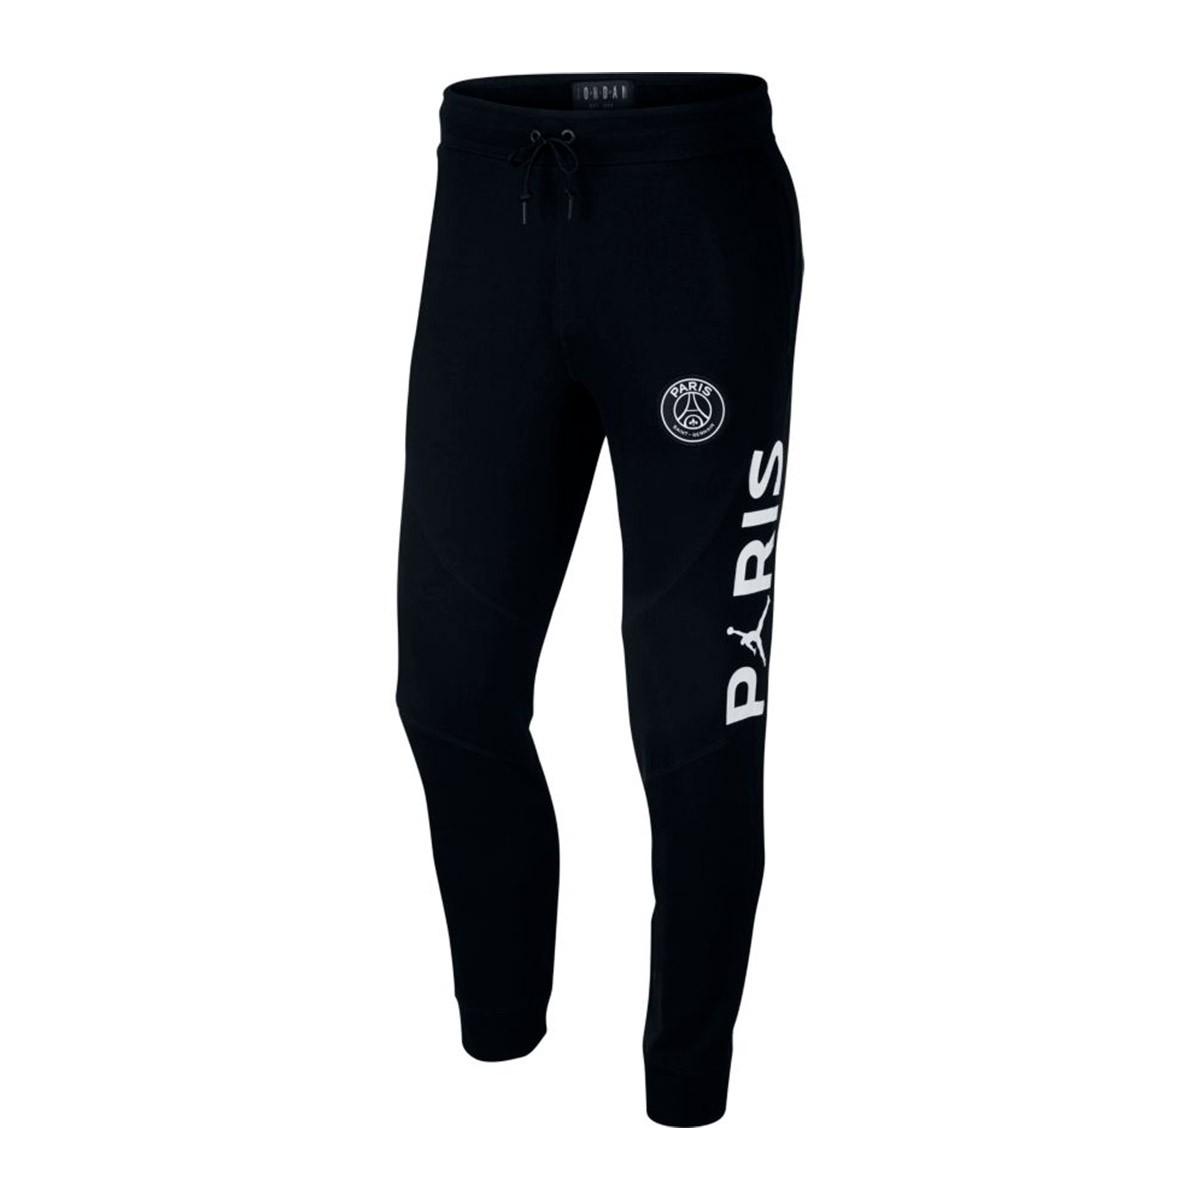 7c9e580f55e Long pants Nike Jordan x PSG Wings FZ Black-White - Football store ...